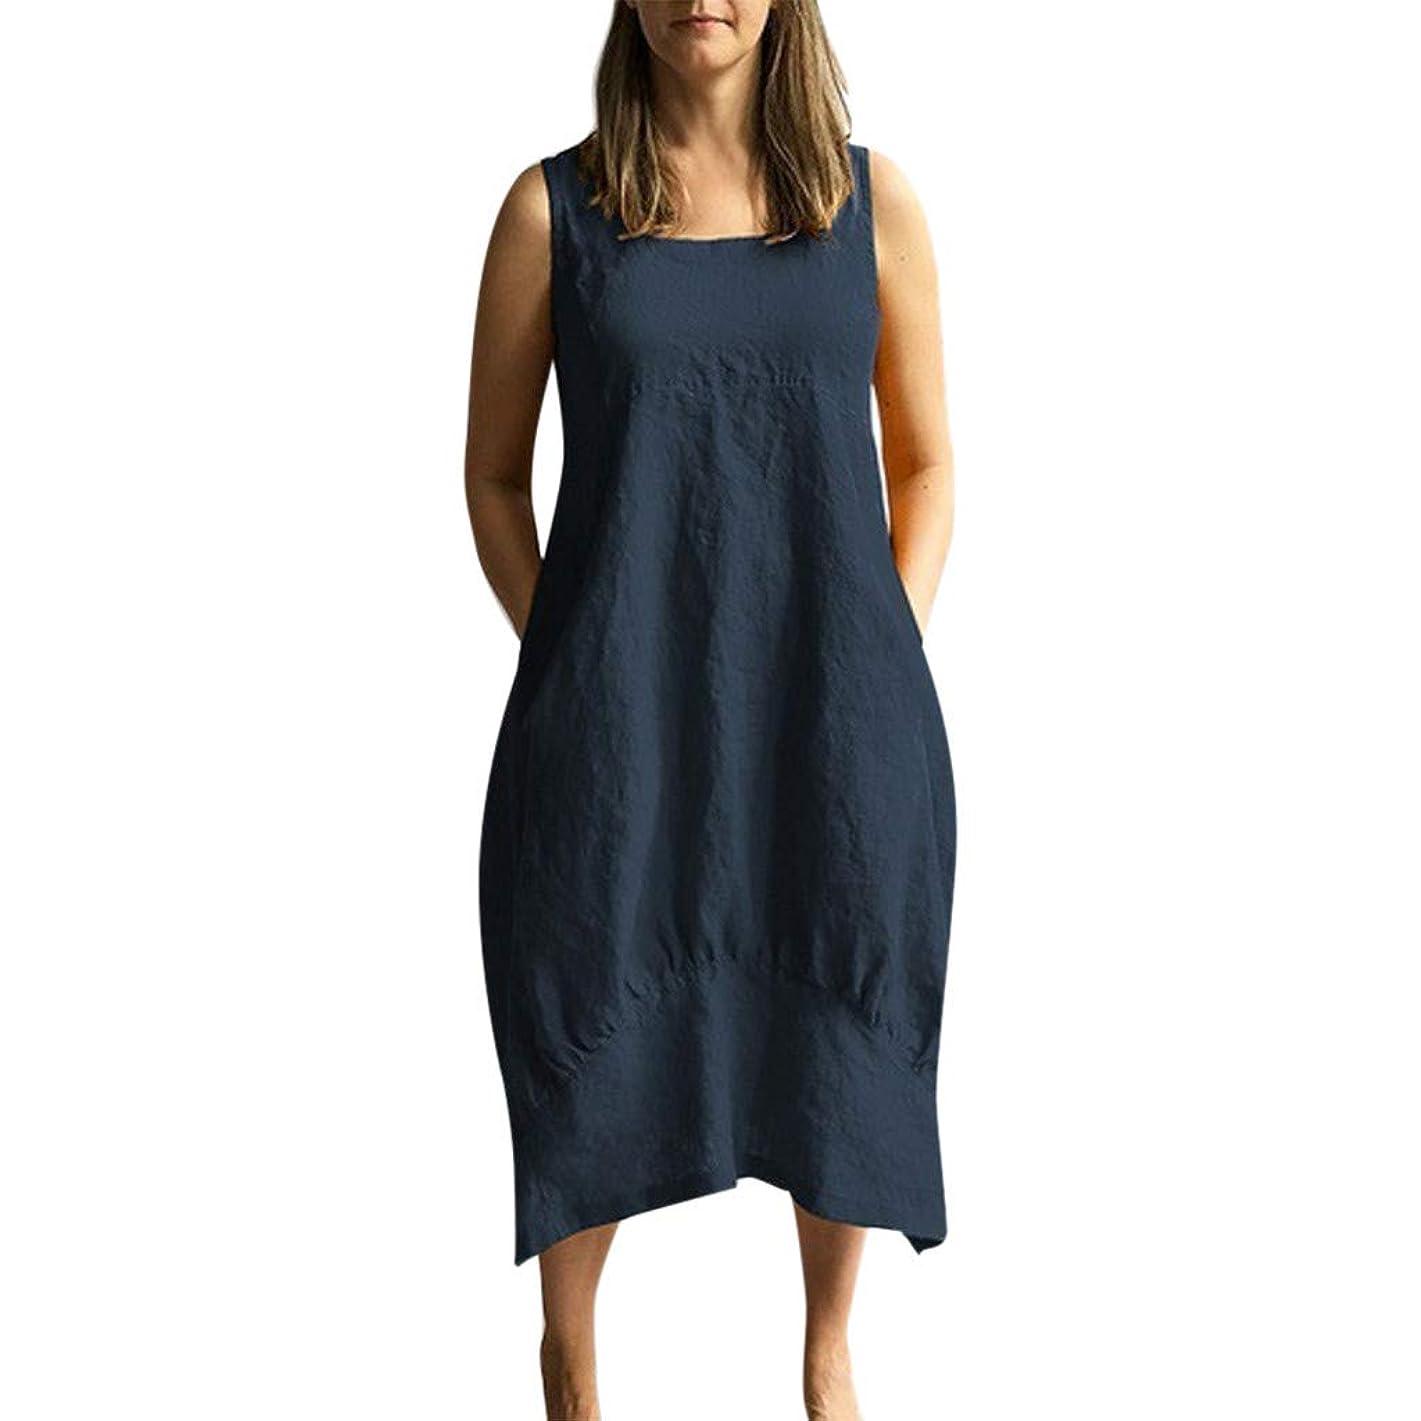 ロンドン中央値くすぐったいワンピース レディース Rexzo ノースリーブ 純色 ロングスカート 柔らかい 着心地 綿麻ワンピース 体型カバー きれいめ 上品 リネンワンピ 無地 シンプル ドレス 着痩せ カジュアル スカート 日常 お出かけ ルームウェア